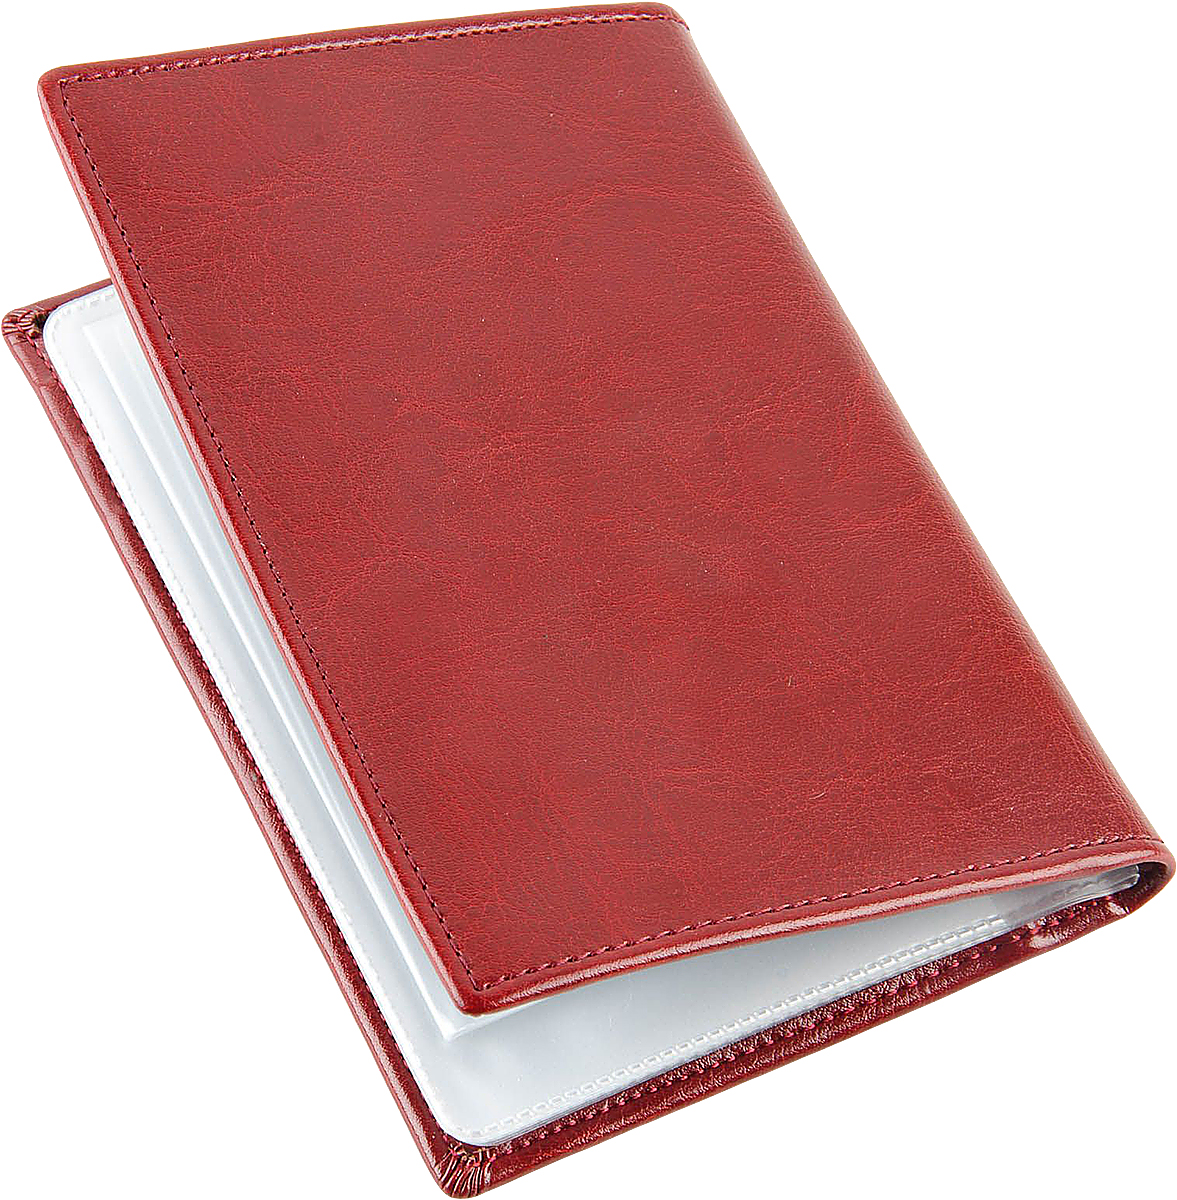 Обложка для автодокументов женская Topo Fortunato, цвет: бордовый. TF 223-092АTF 223-092АОбложка на автодокументы натуральная кожа